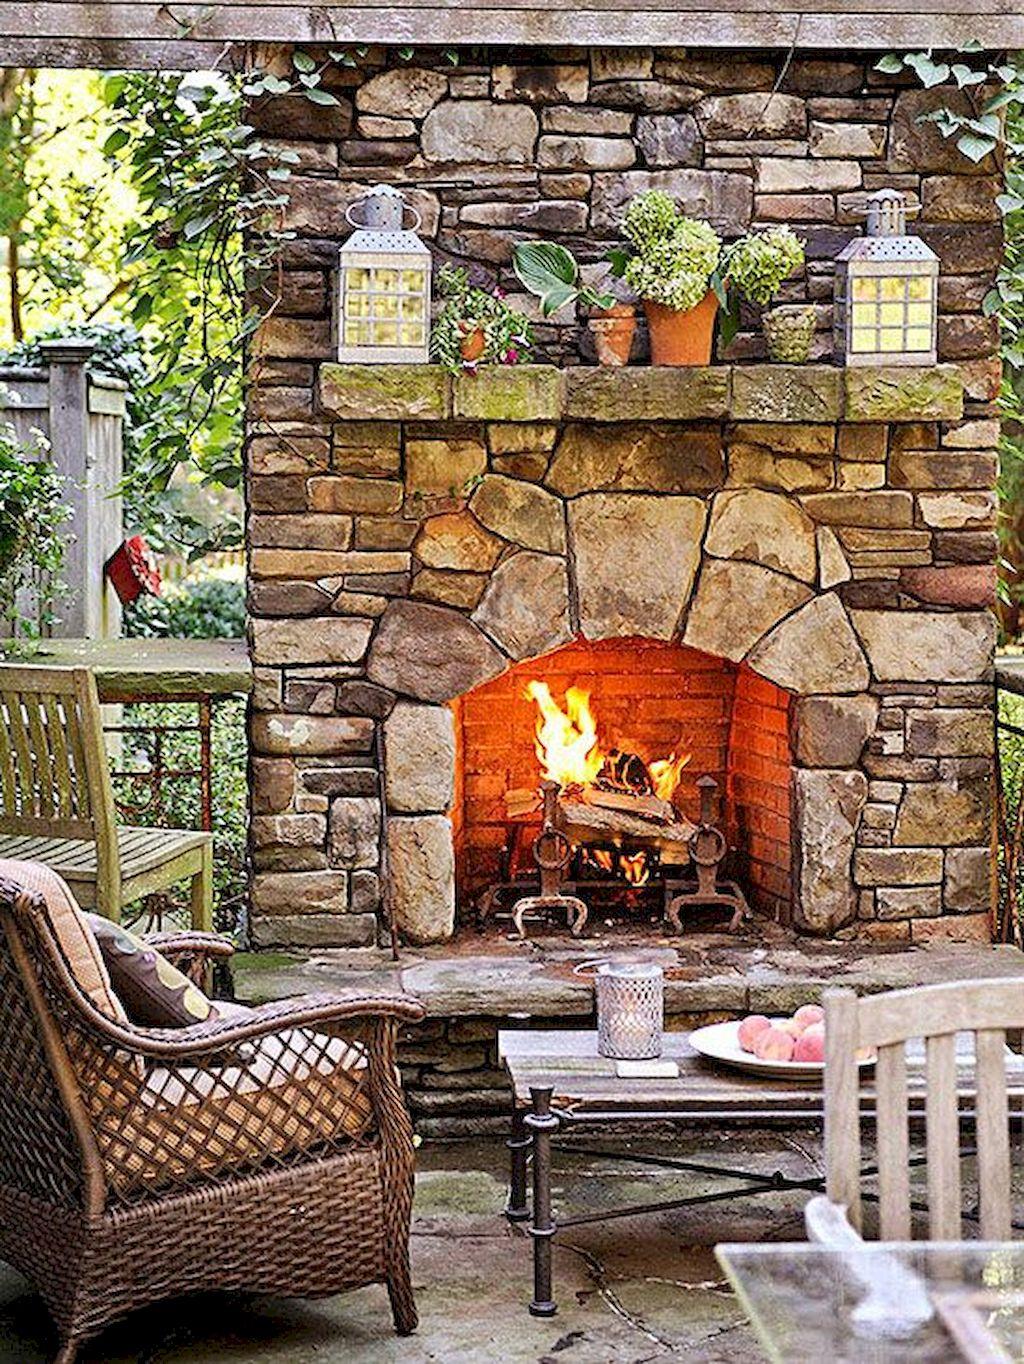 Backyard Fireplace167